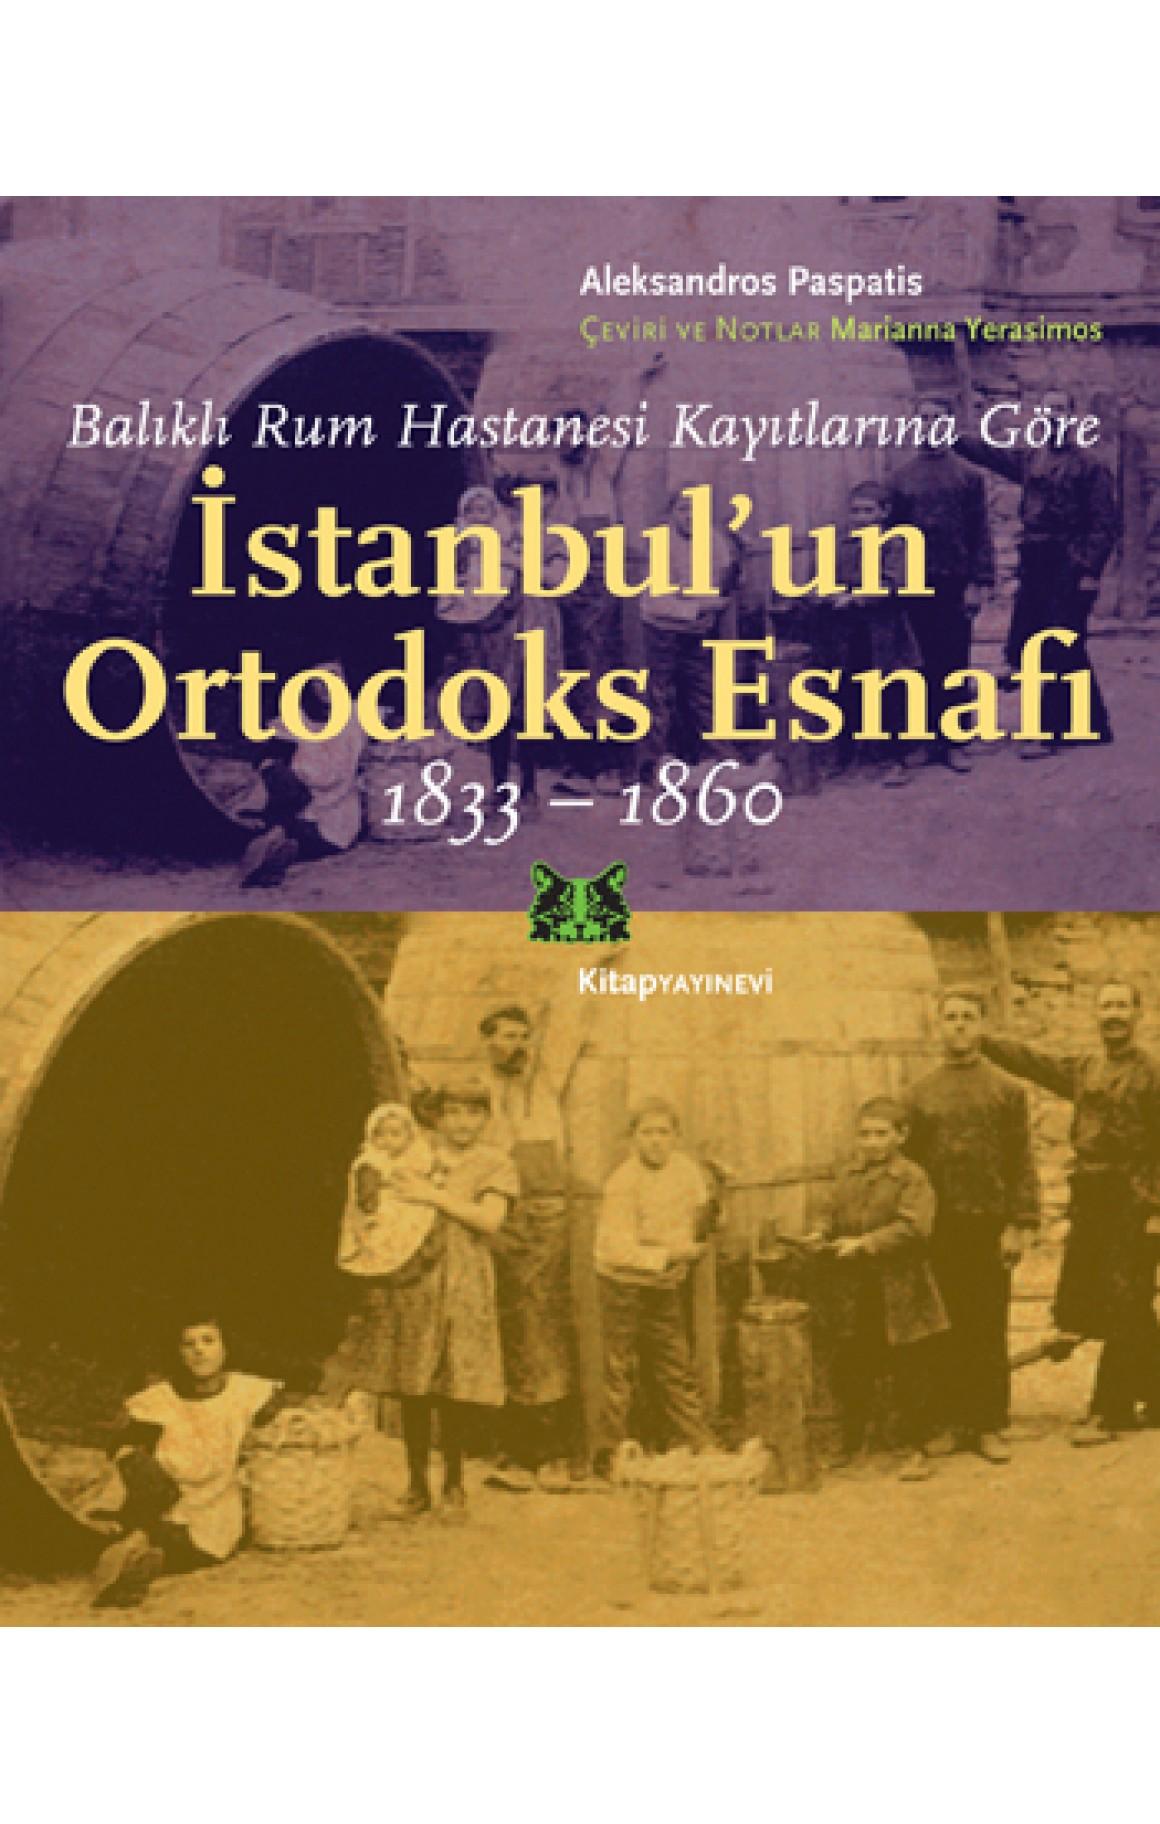 İstanbulun Ortodoks Esnafı 1833 - 1860